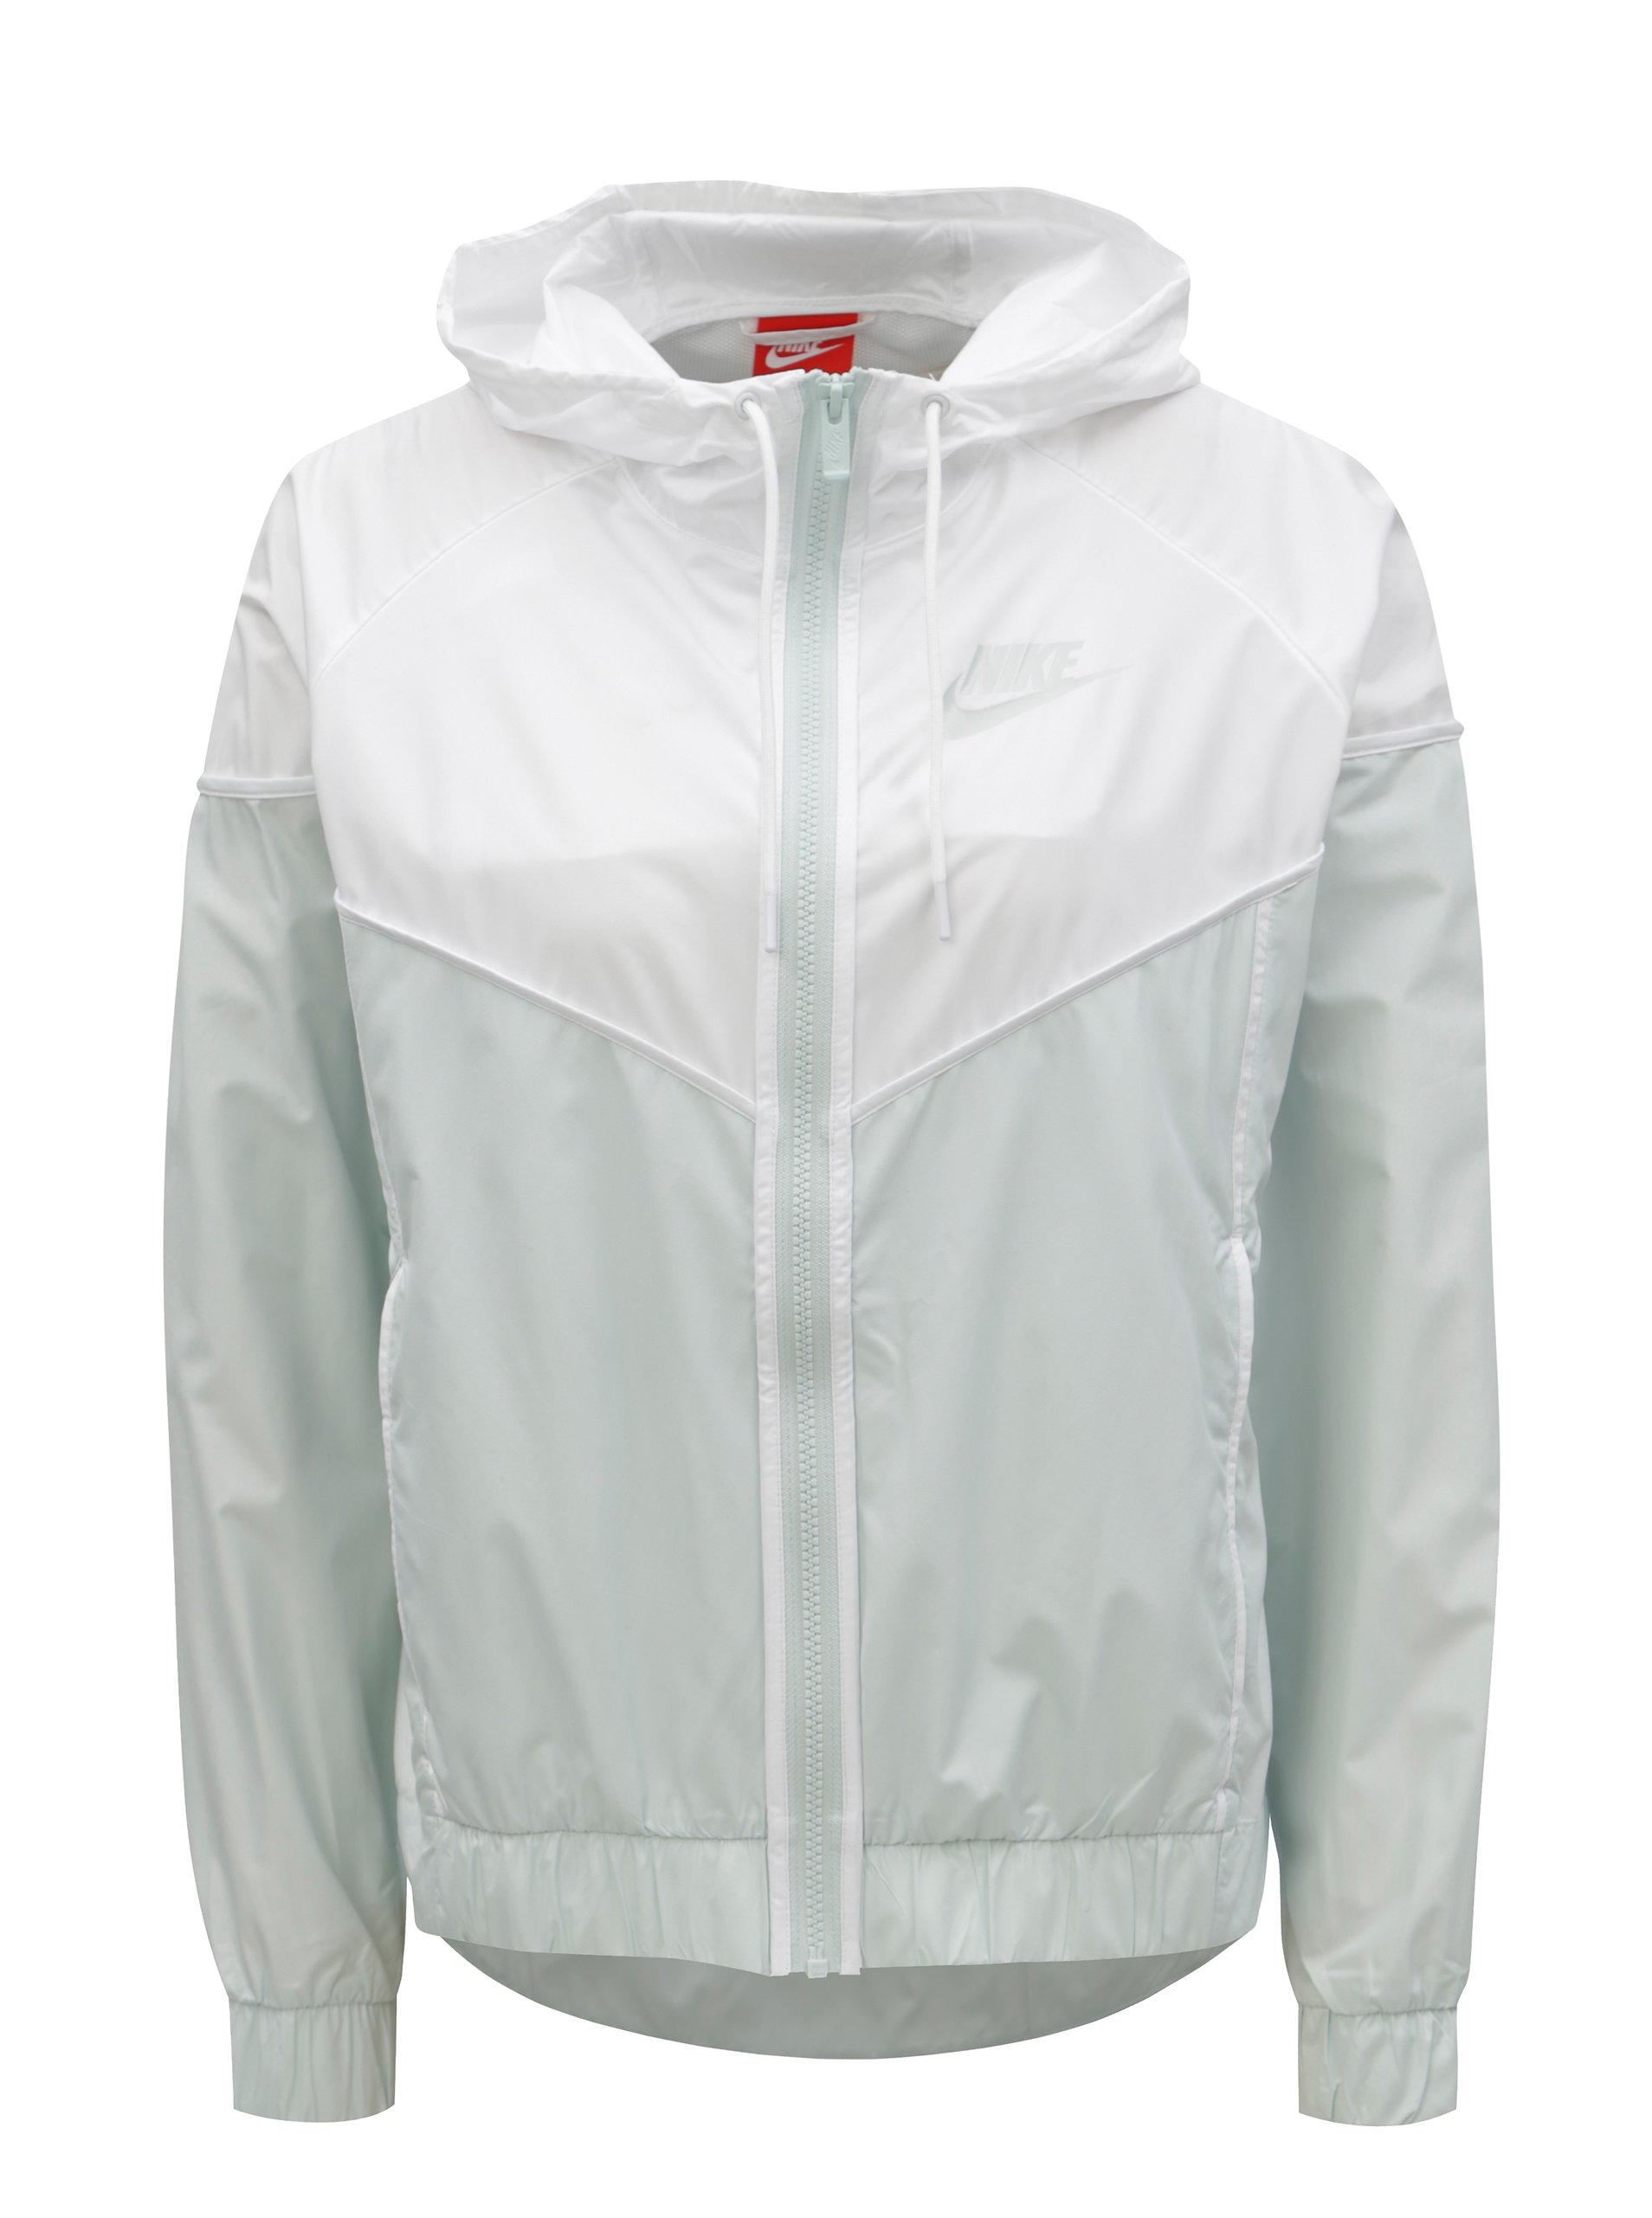 Bílo-mentolová dámská lehká bunda na zip Nike